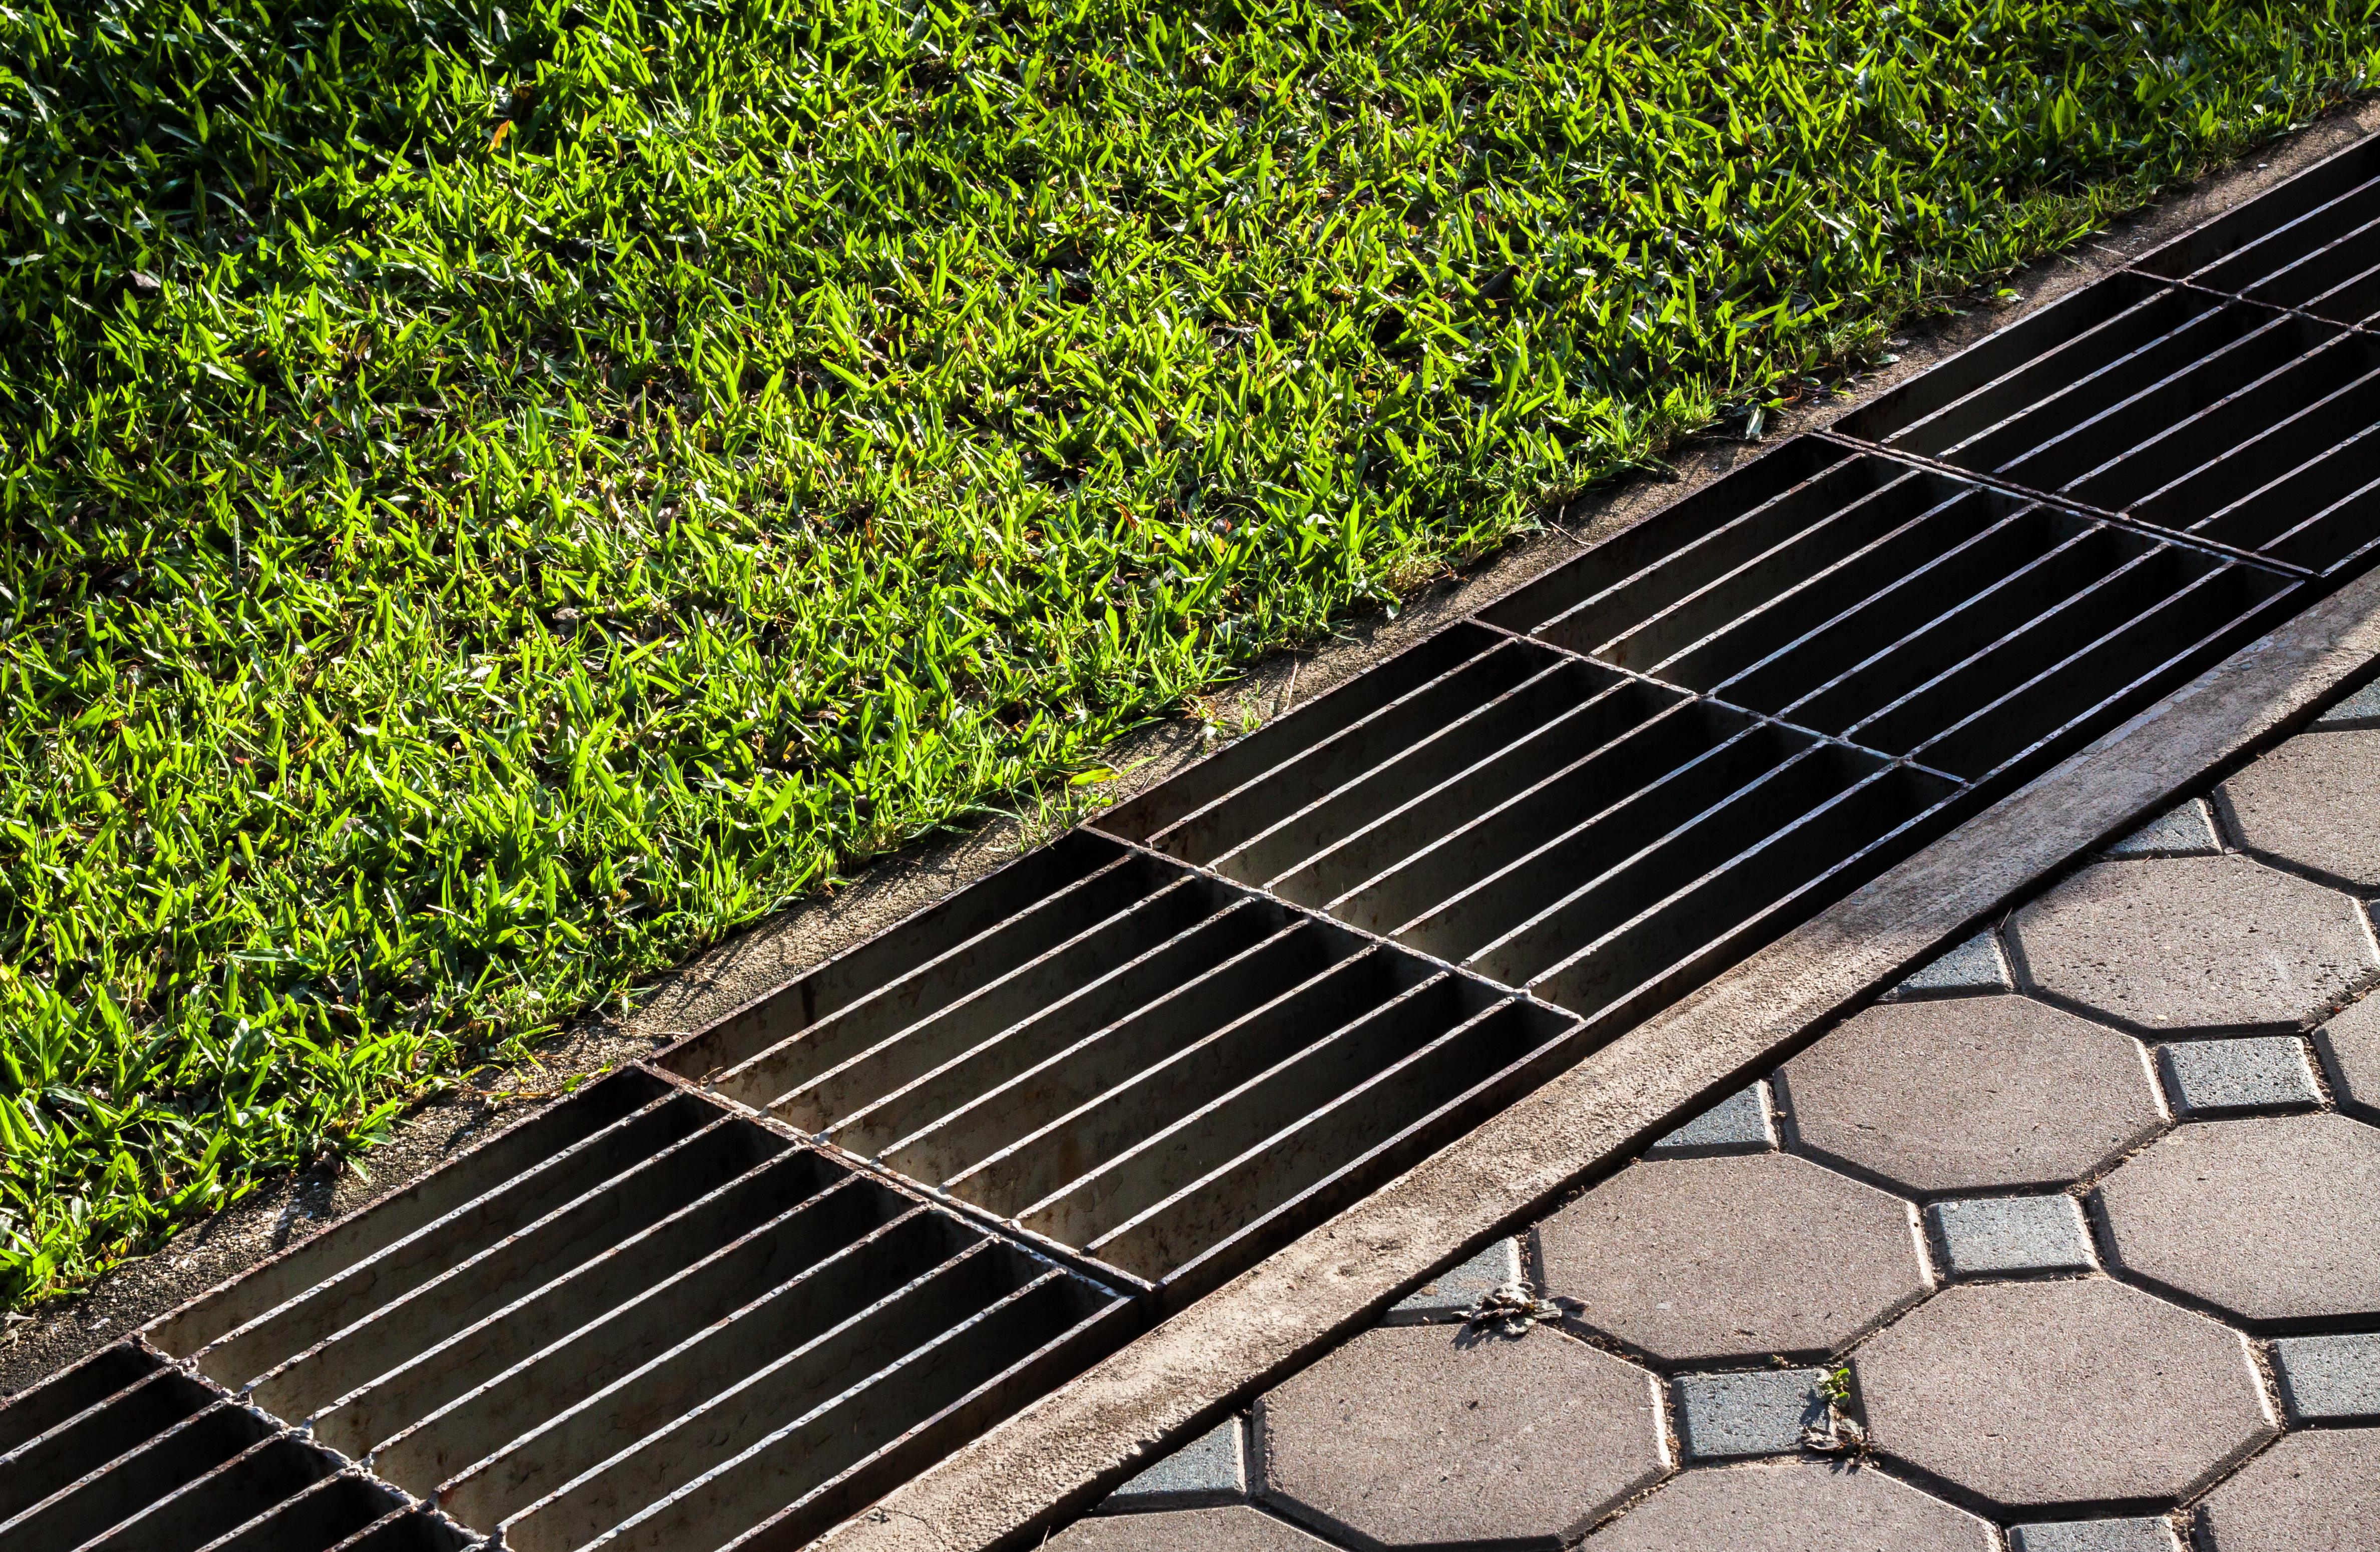 Relativ Terrasse mit Drainage – Wieso ist das sinnvoll und wie geht man es an? GY58